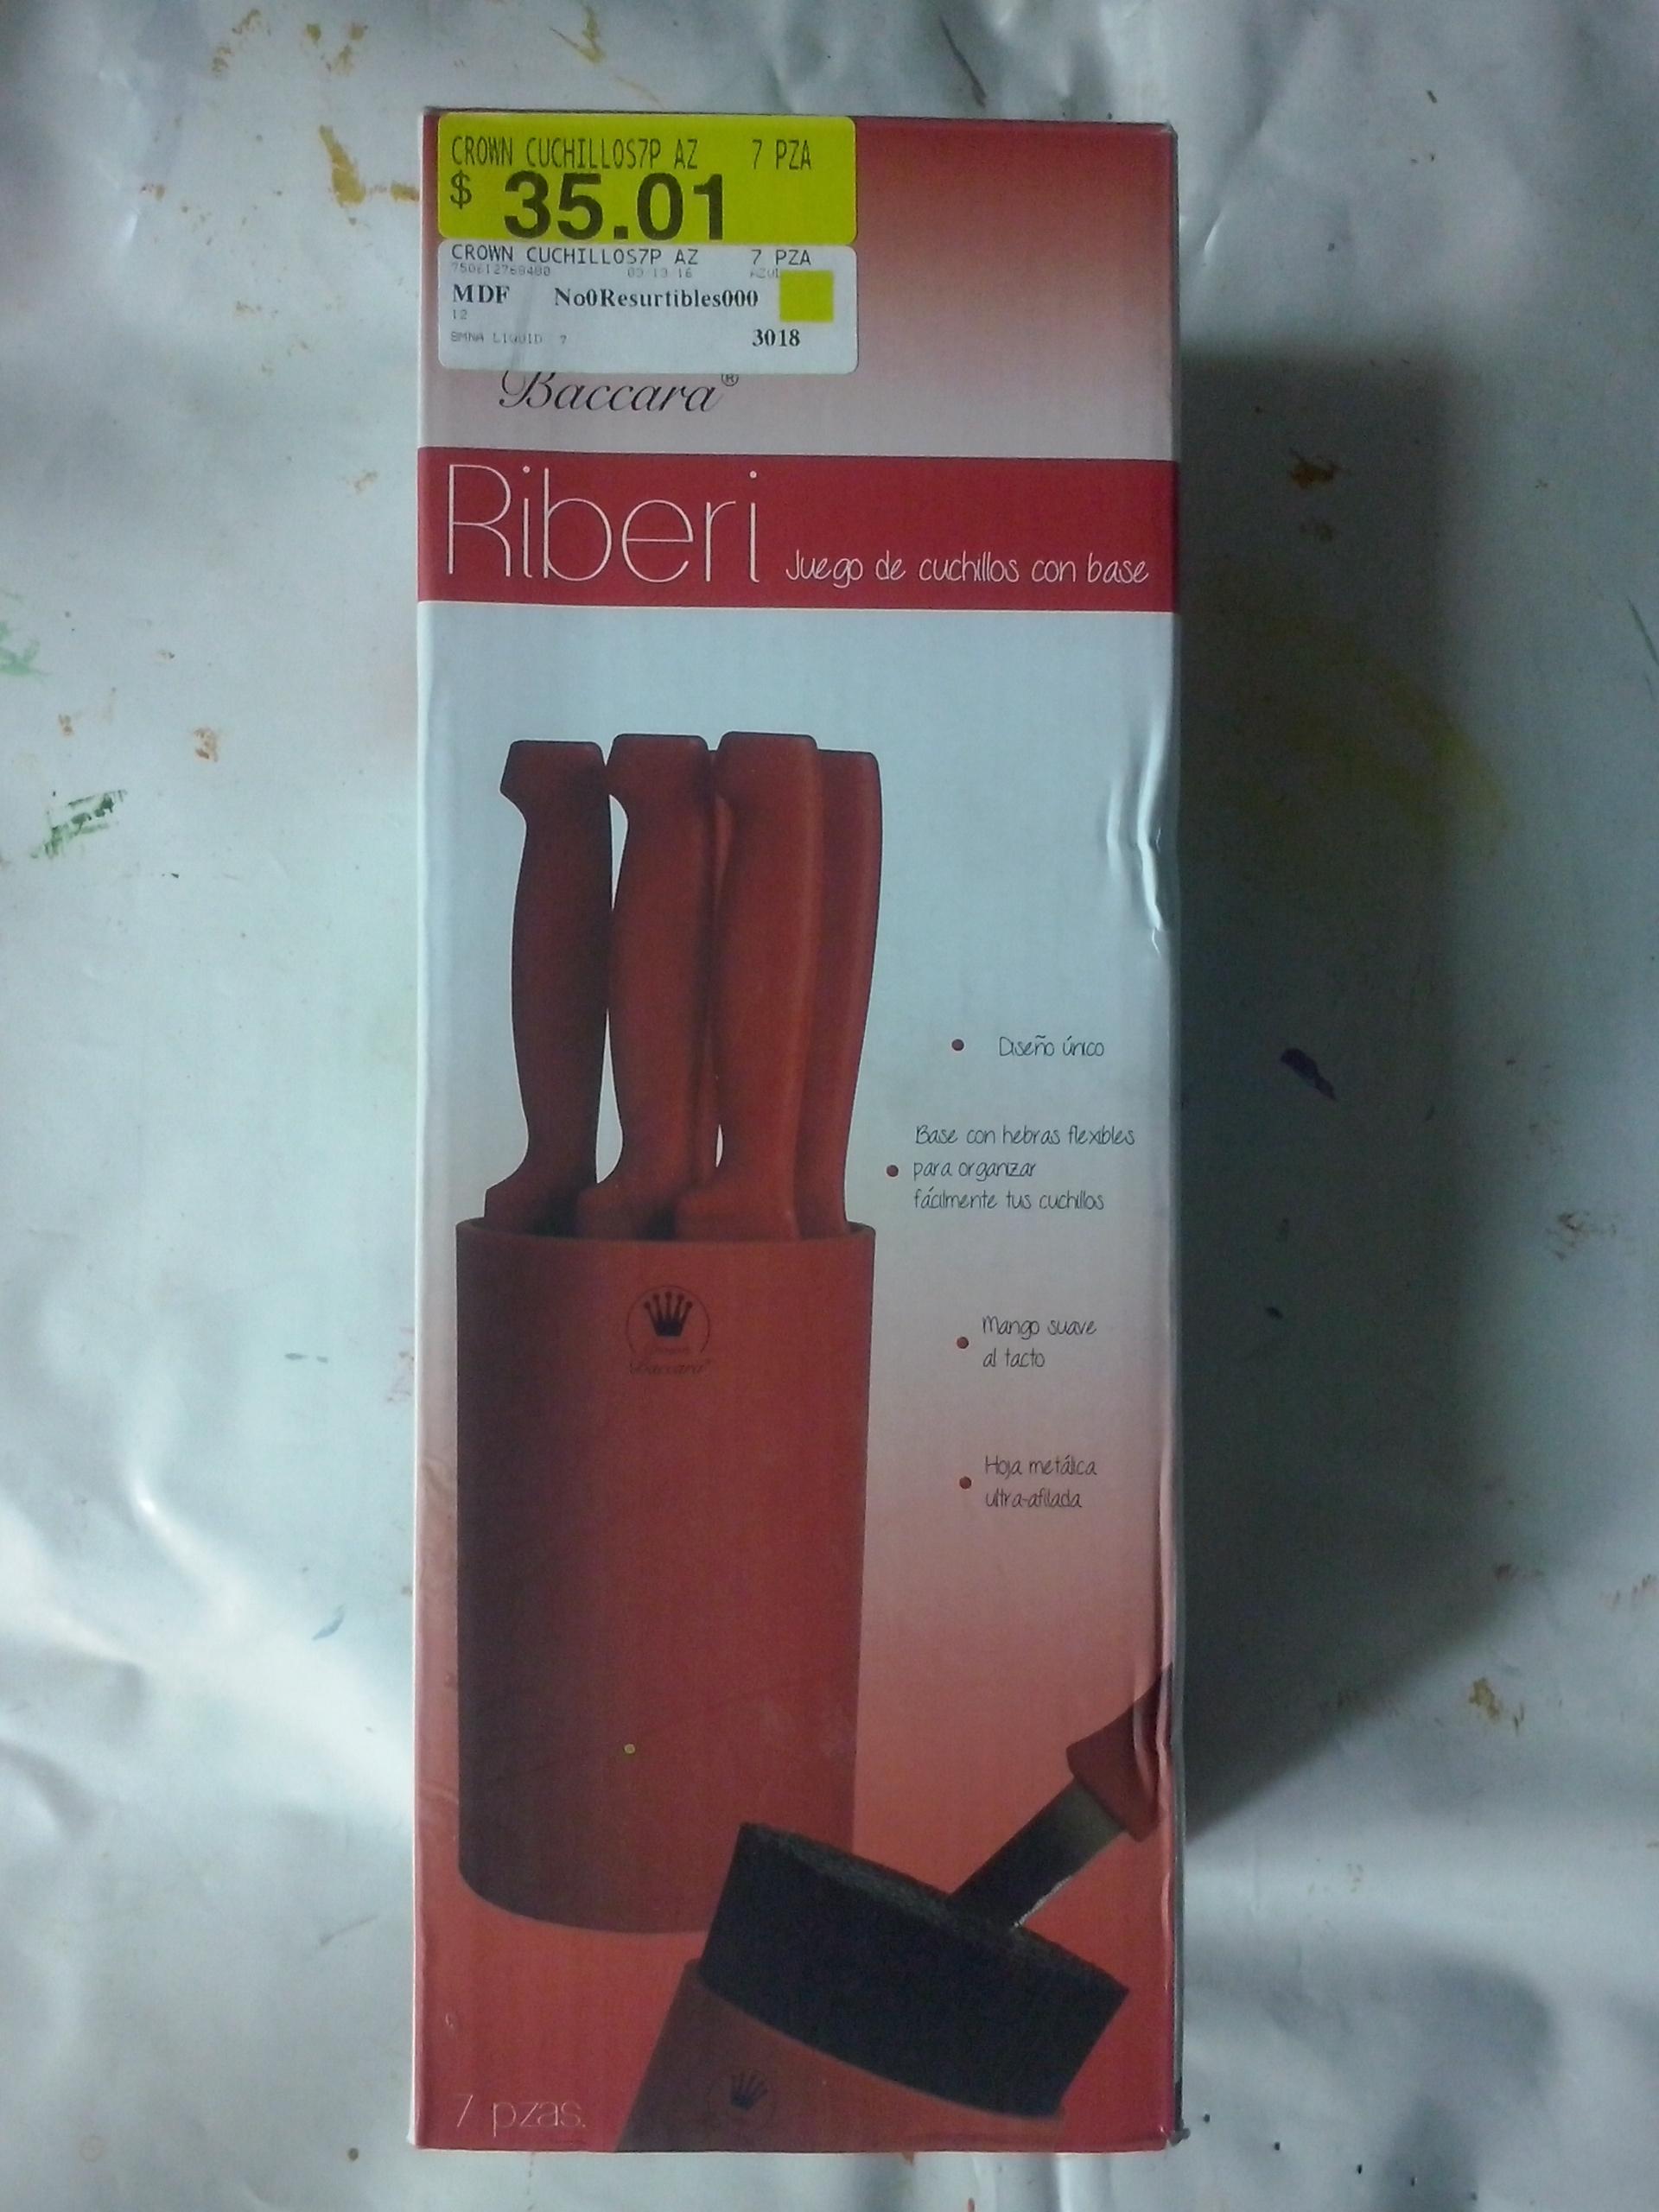 Walmart: Set de cuchillos Crown Baccara a $35.01 y más ofertas